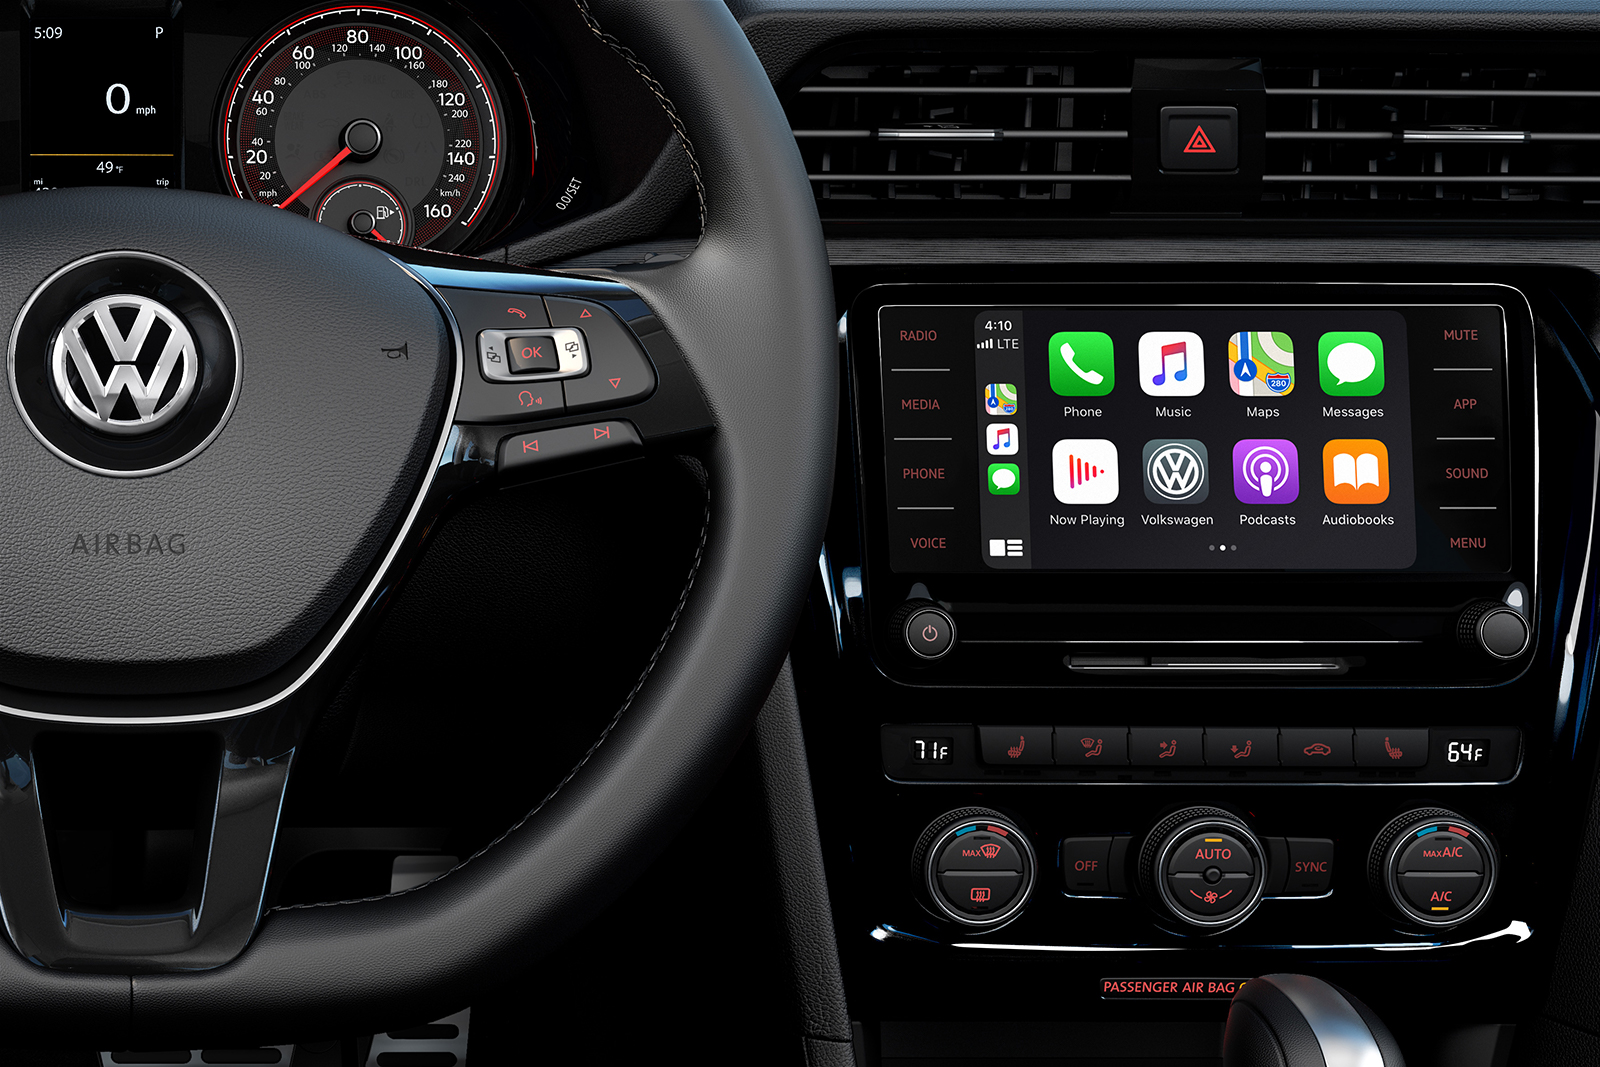 2020 Volkswagen Passat Interior Detailing